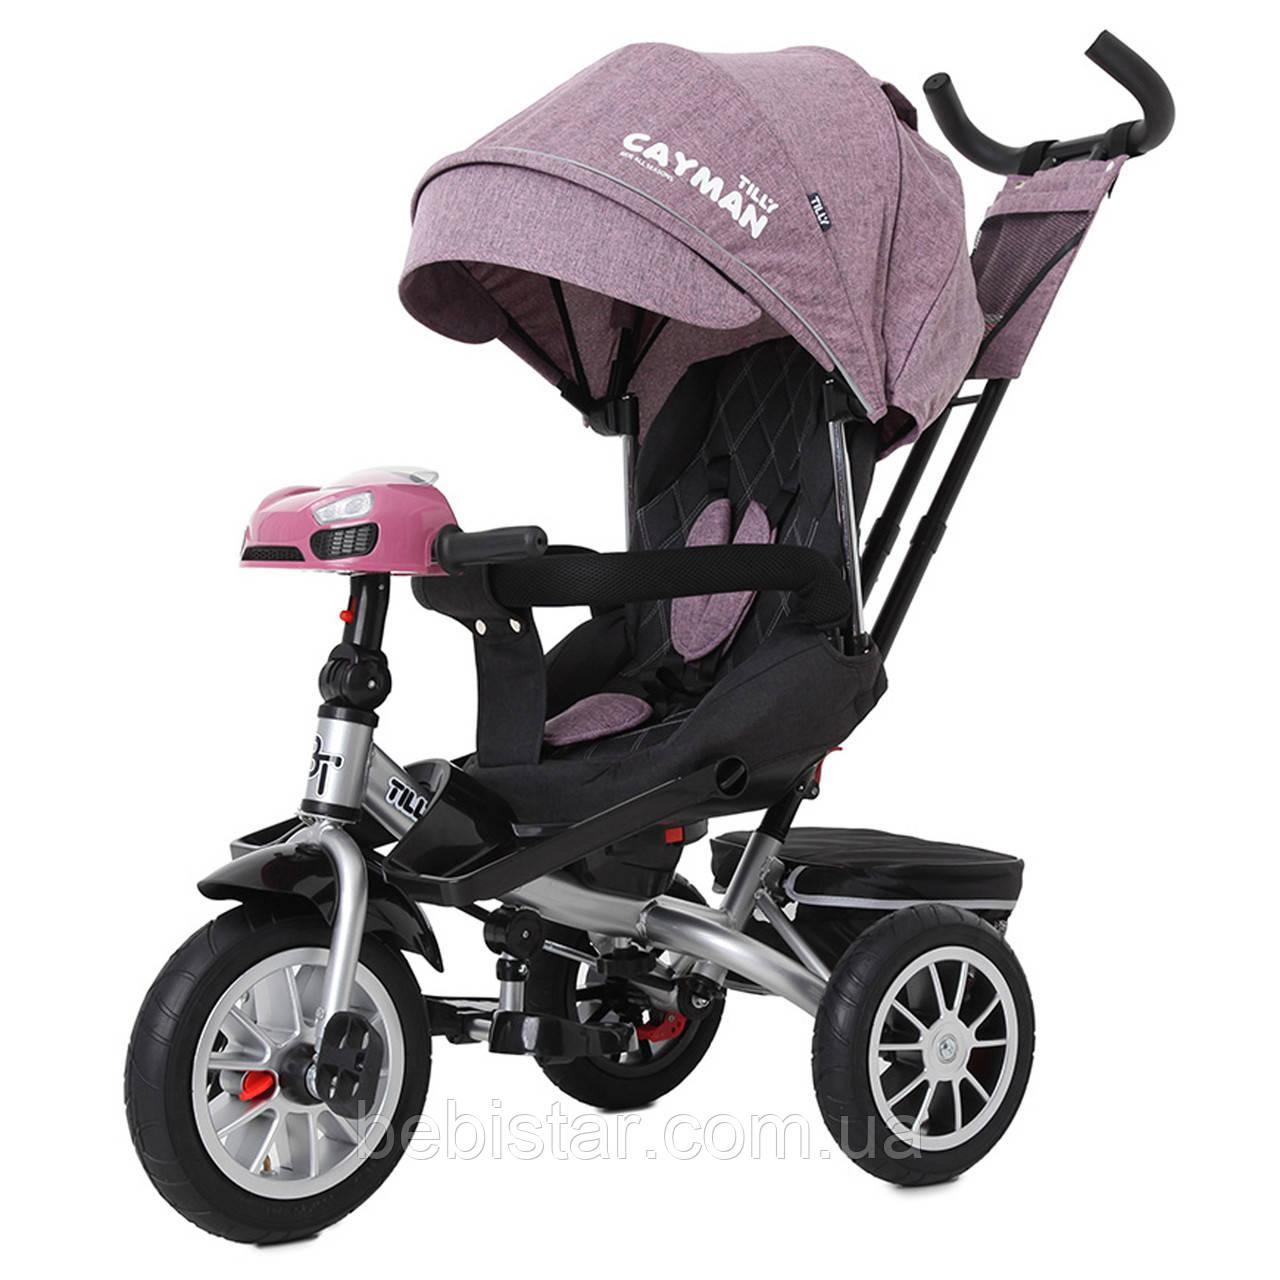 Трехколесный велосипед TILLY CAYMAN 381/5 фиолетовый лен пульт поворот сидения надувные колес музыка и свет